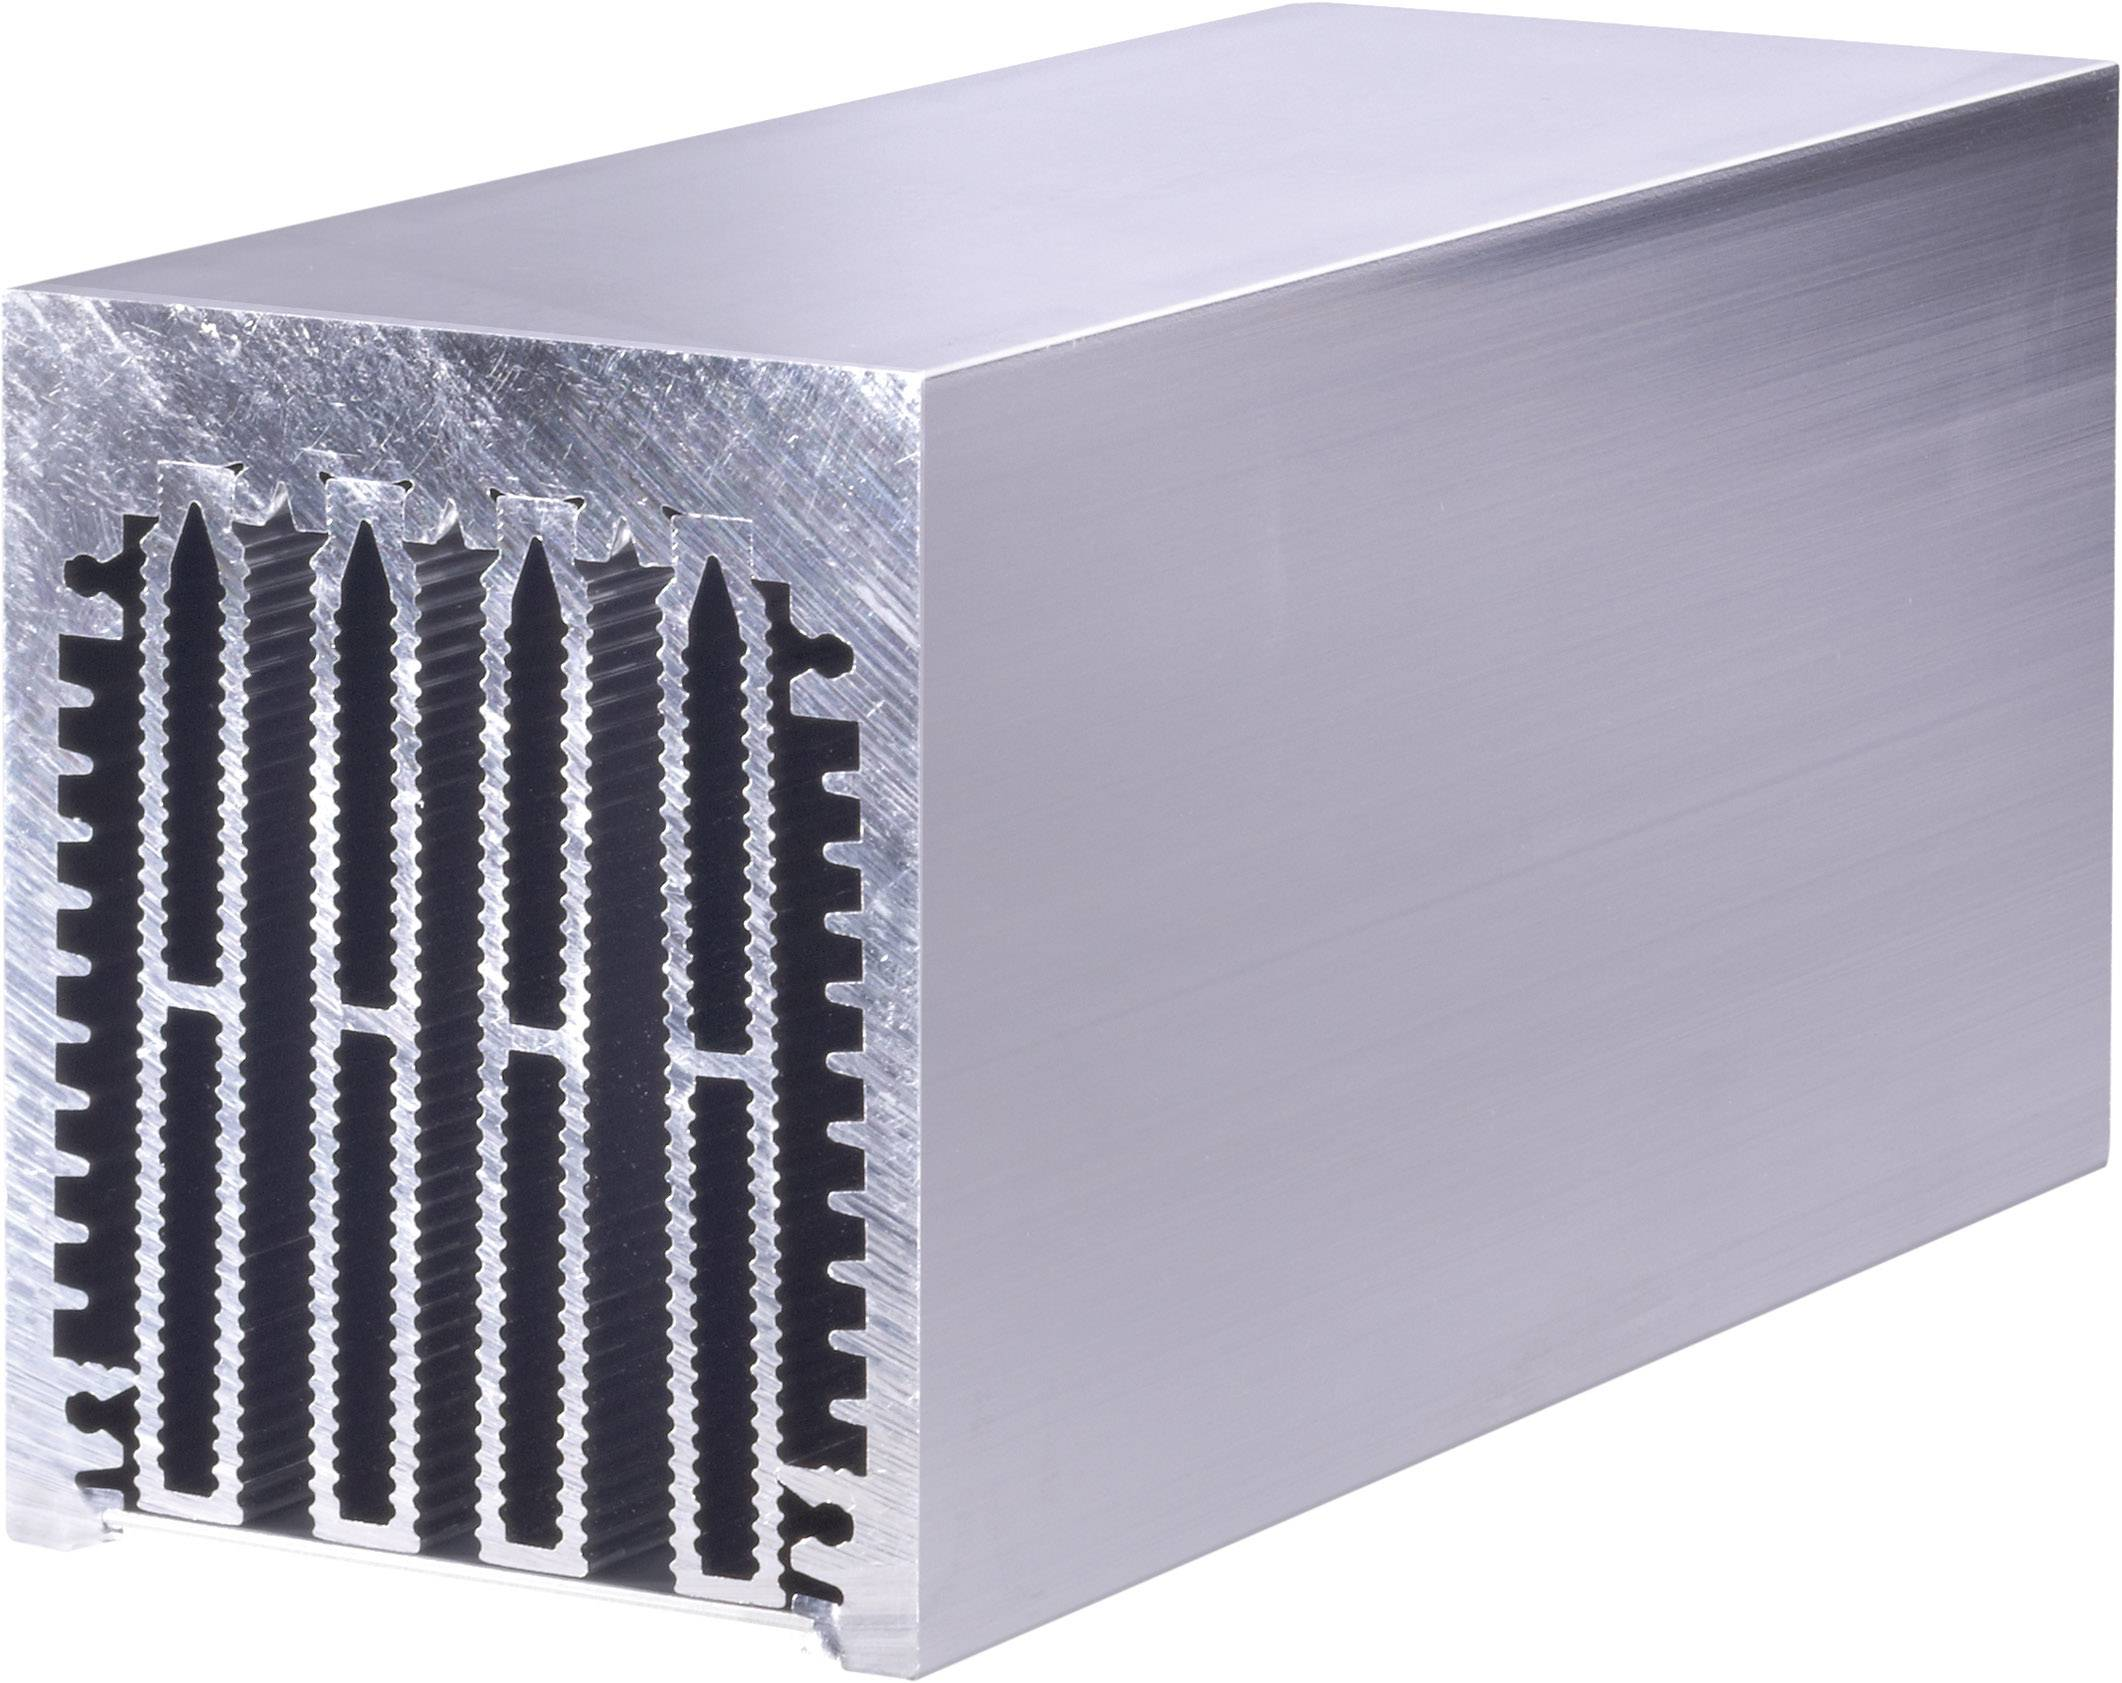 Profilový chladič Fischer Elektronik LA 6 150 AL, 0.3 K/W, (d x š x v) 150 x 75 x 62 mm